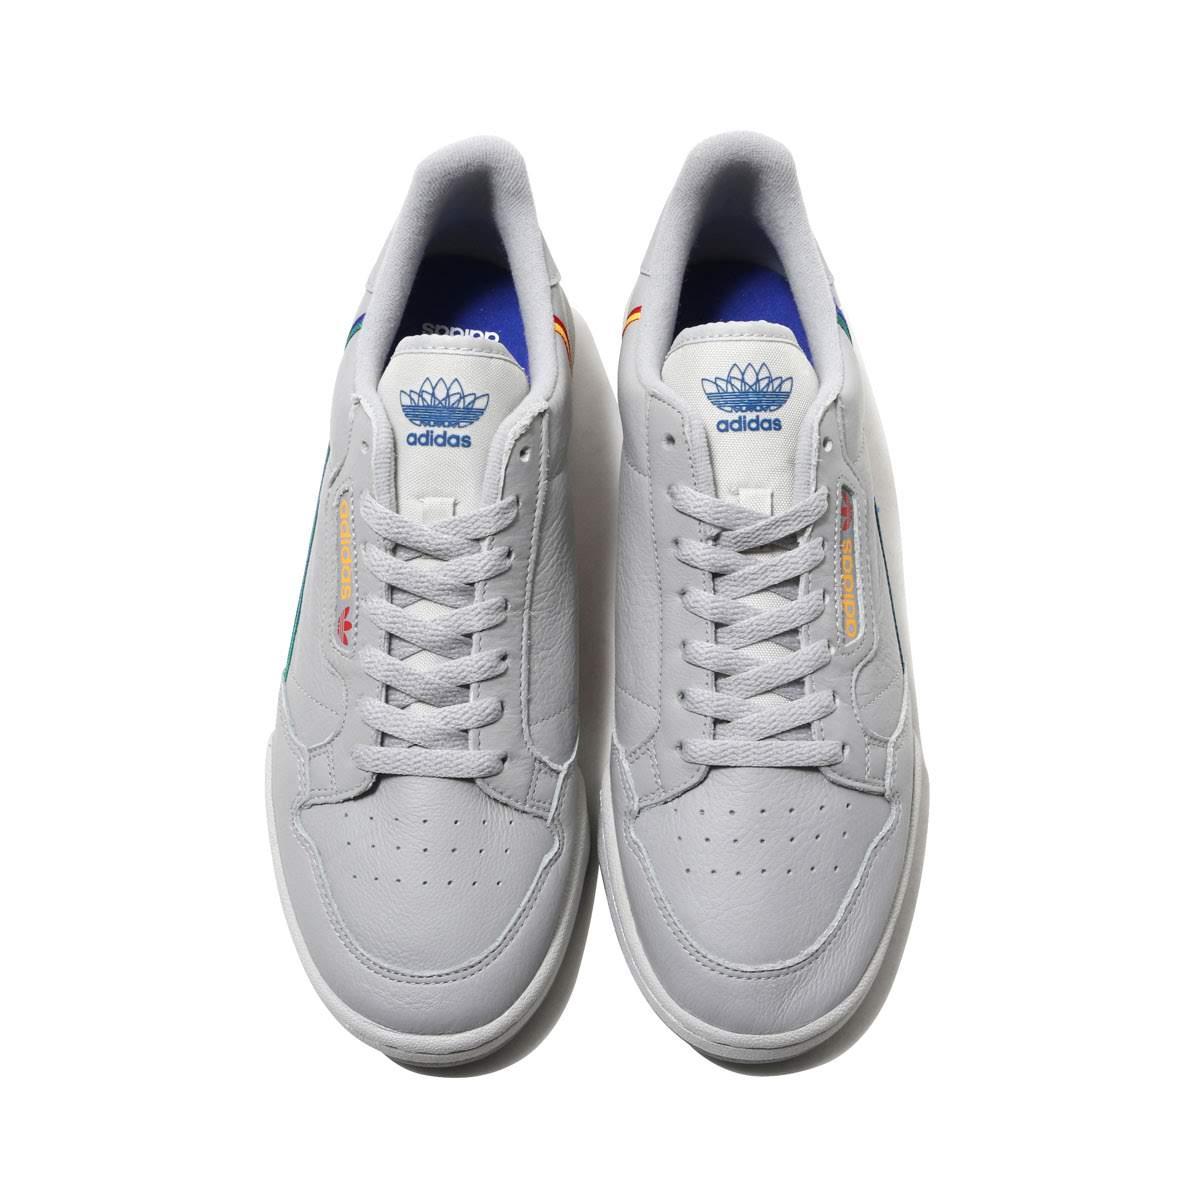 promo code e8234 6eb00 adidas Originals CONTINENTAL 80 (GREY TWOGREY ONESCARLET) (Adidas  originals Continental 80)